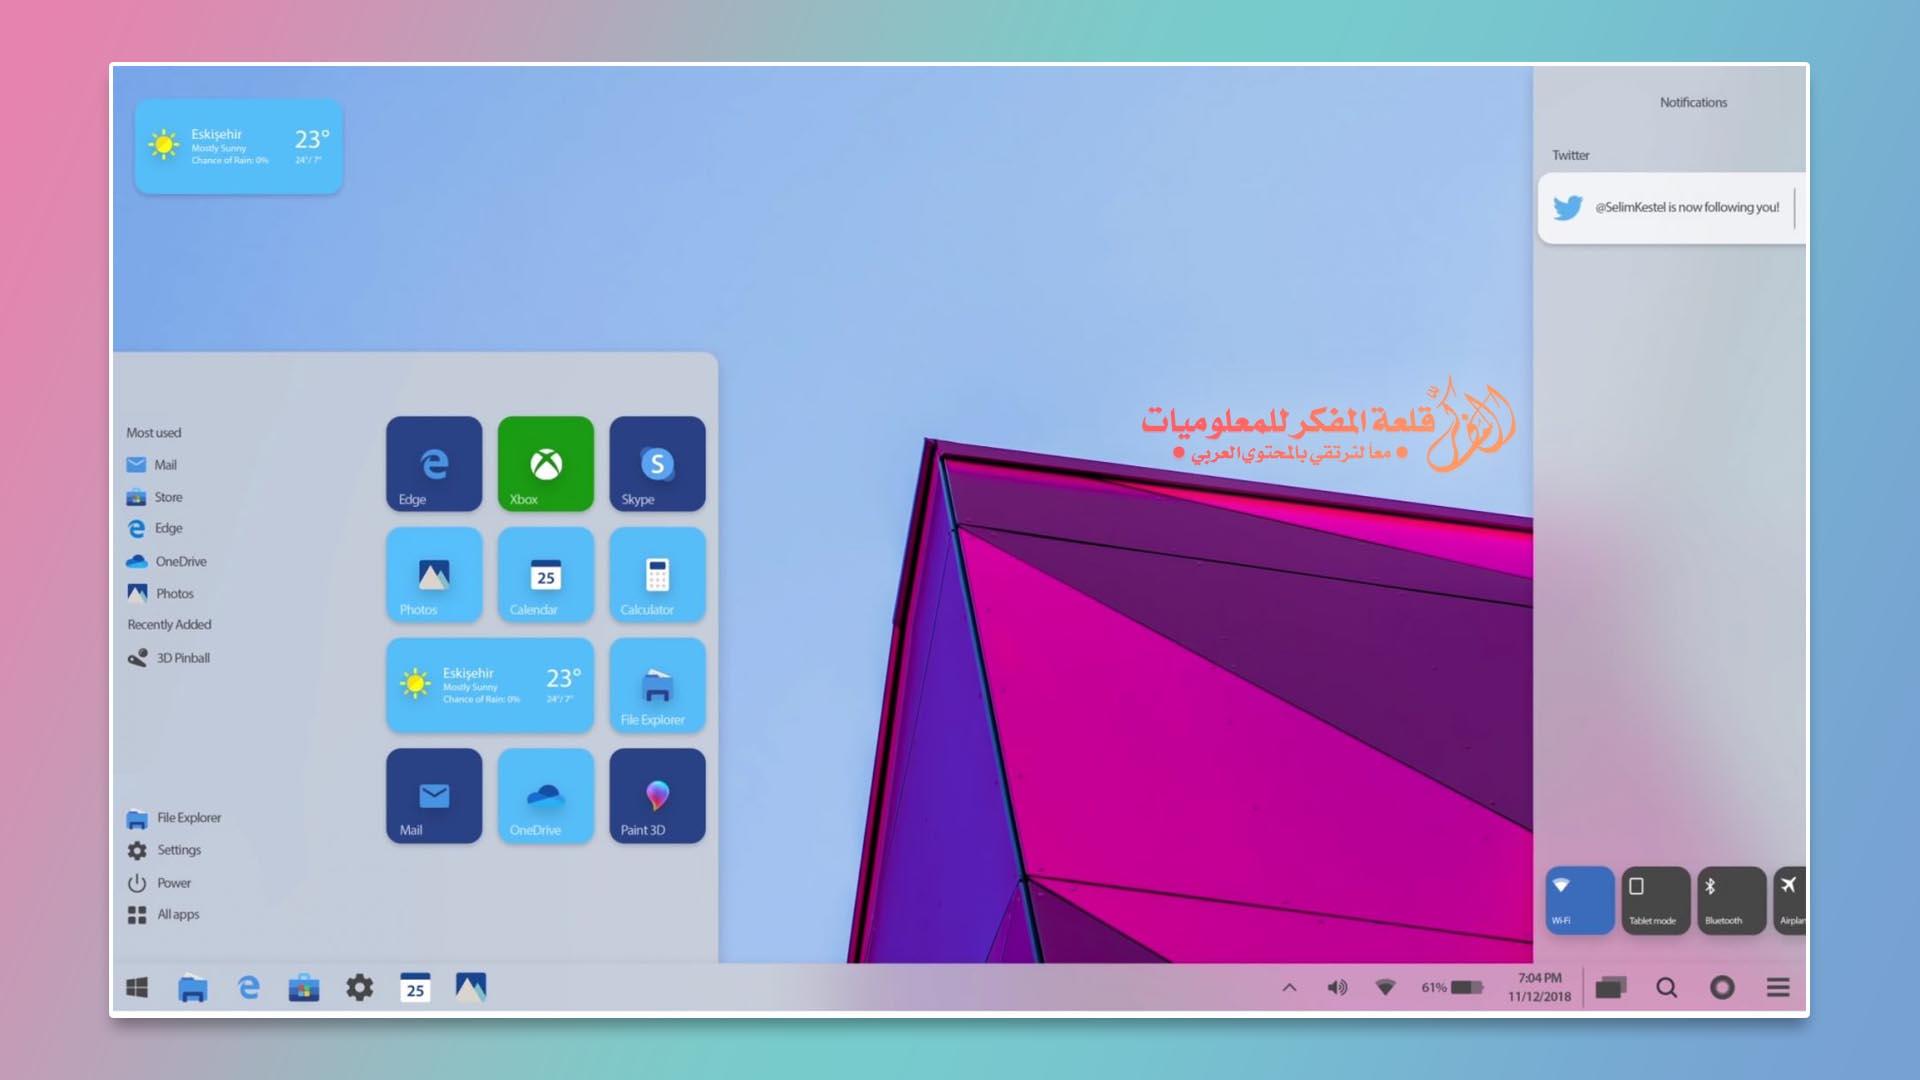 تحميل وتثبيت ويندوز 11 Windows IOS مجانا 2022 ايزو الاصلية برابط مباشر